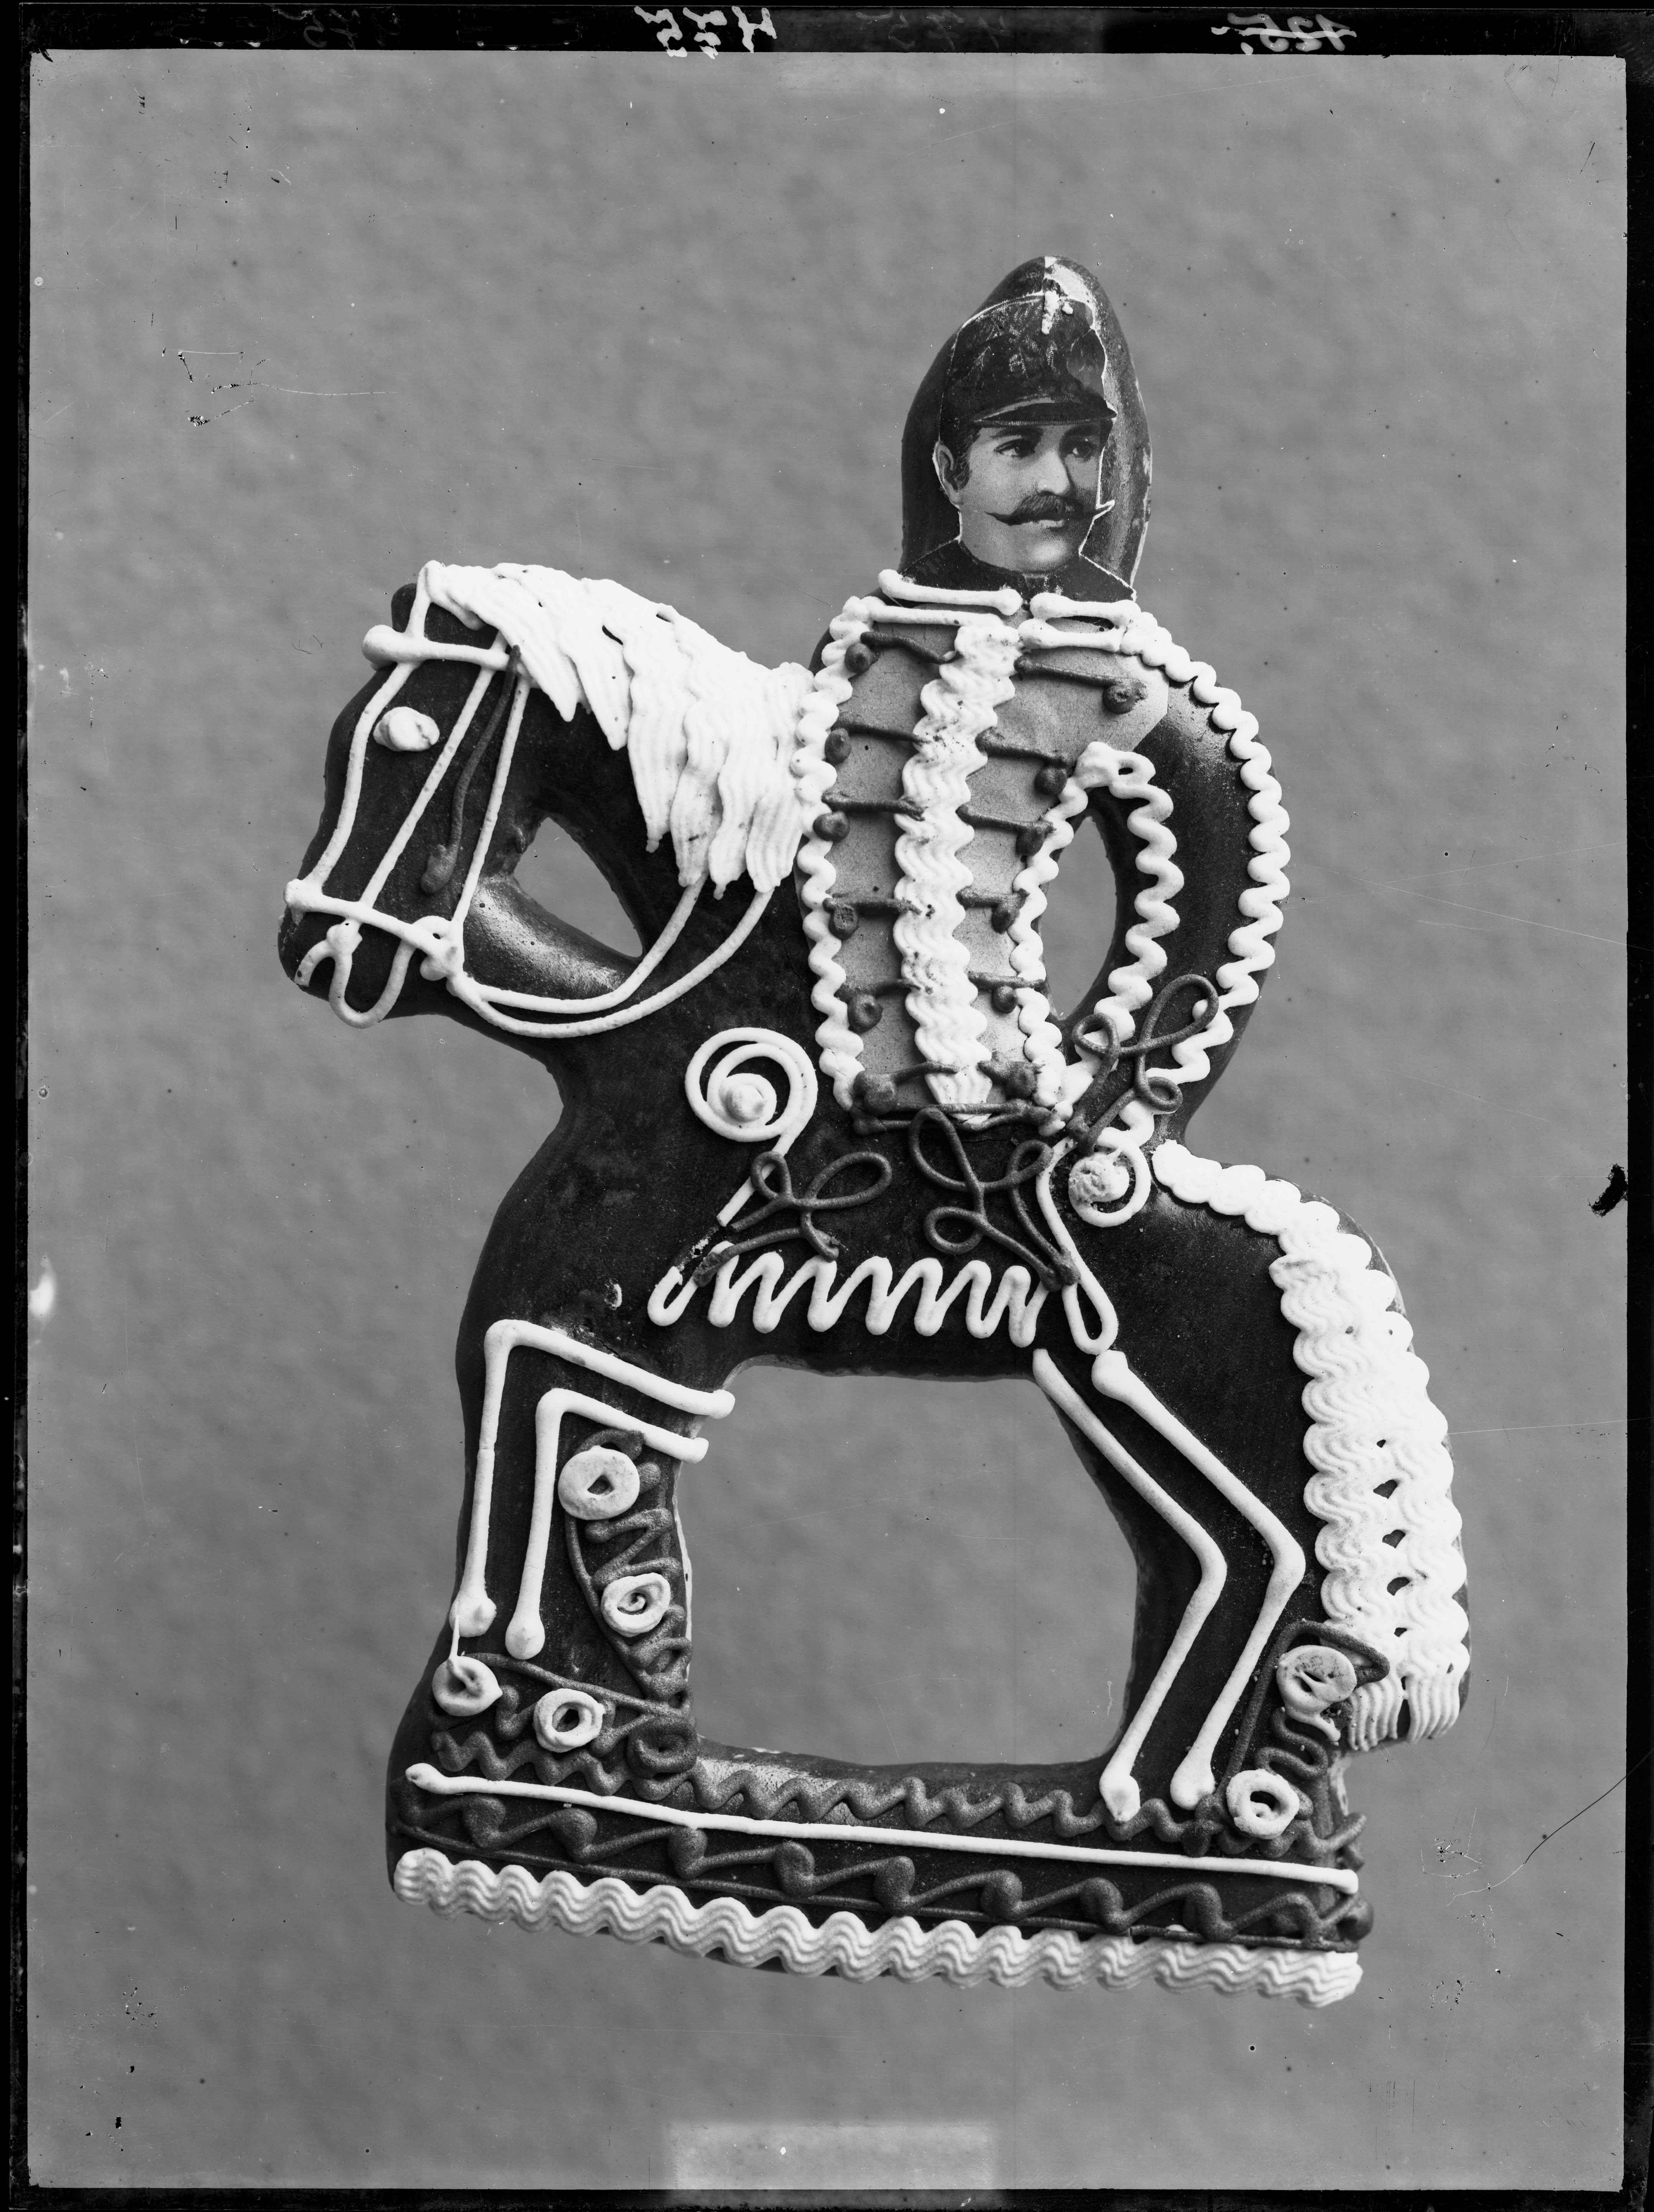 Fotó: Plohn József: Huszáralakú mézeskalács-figura, katonaportréval. © Tornyai János Múzeum gyűjteménye, Hódmezővásárhely